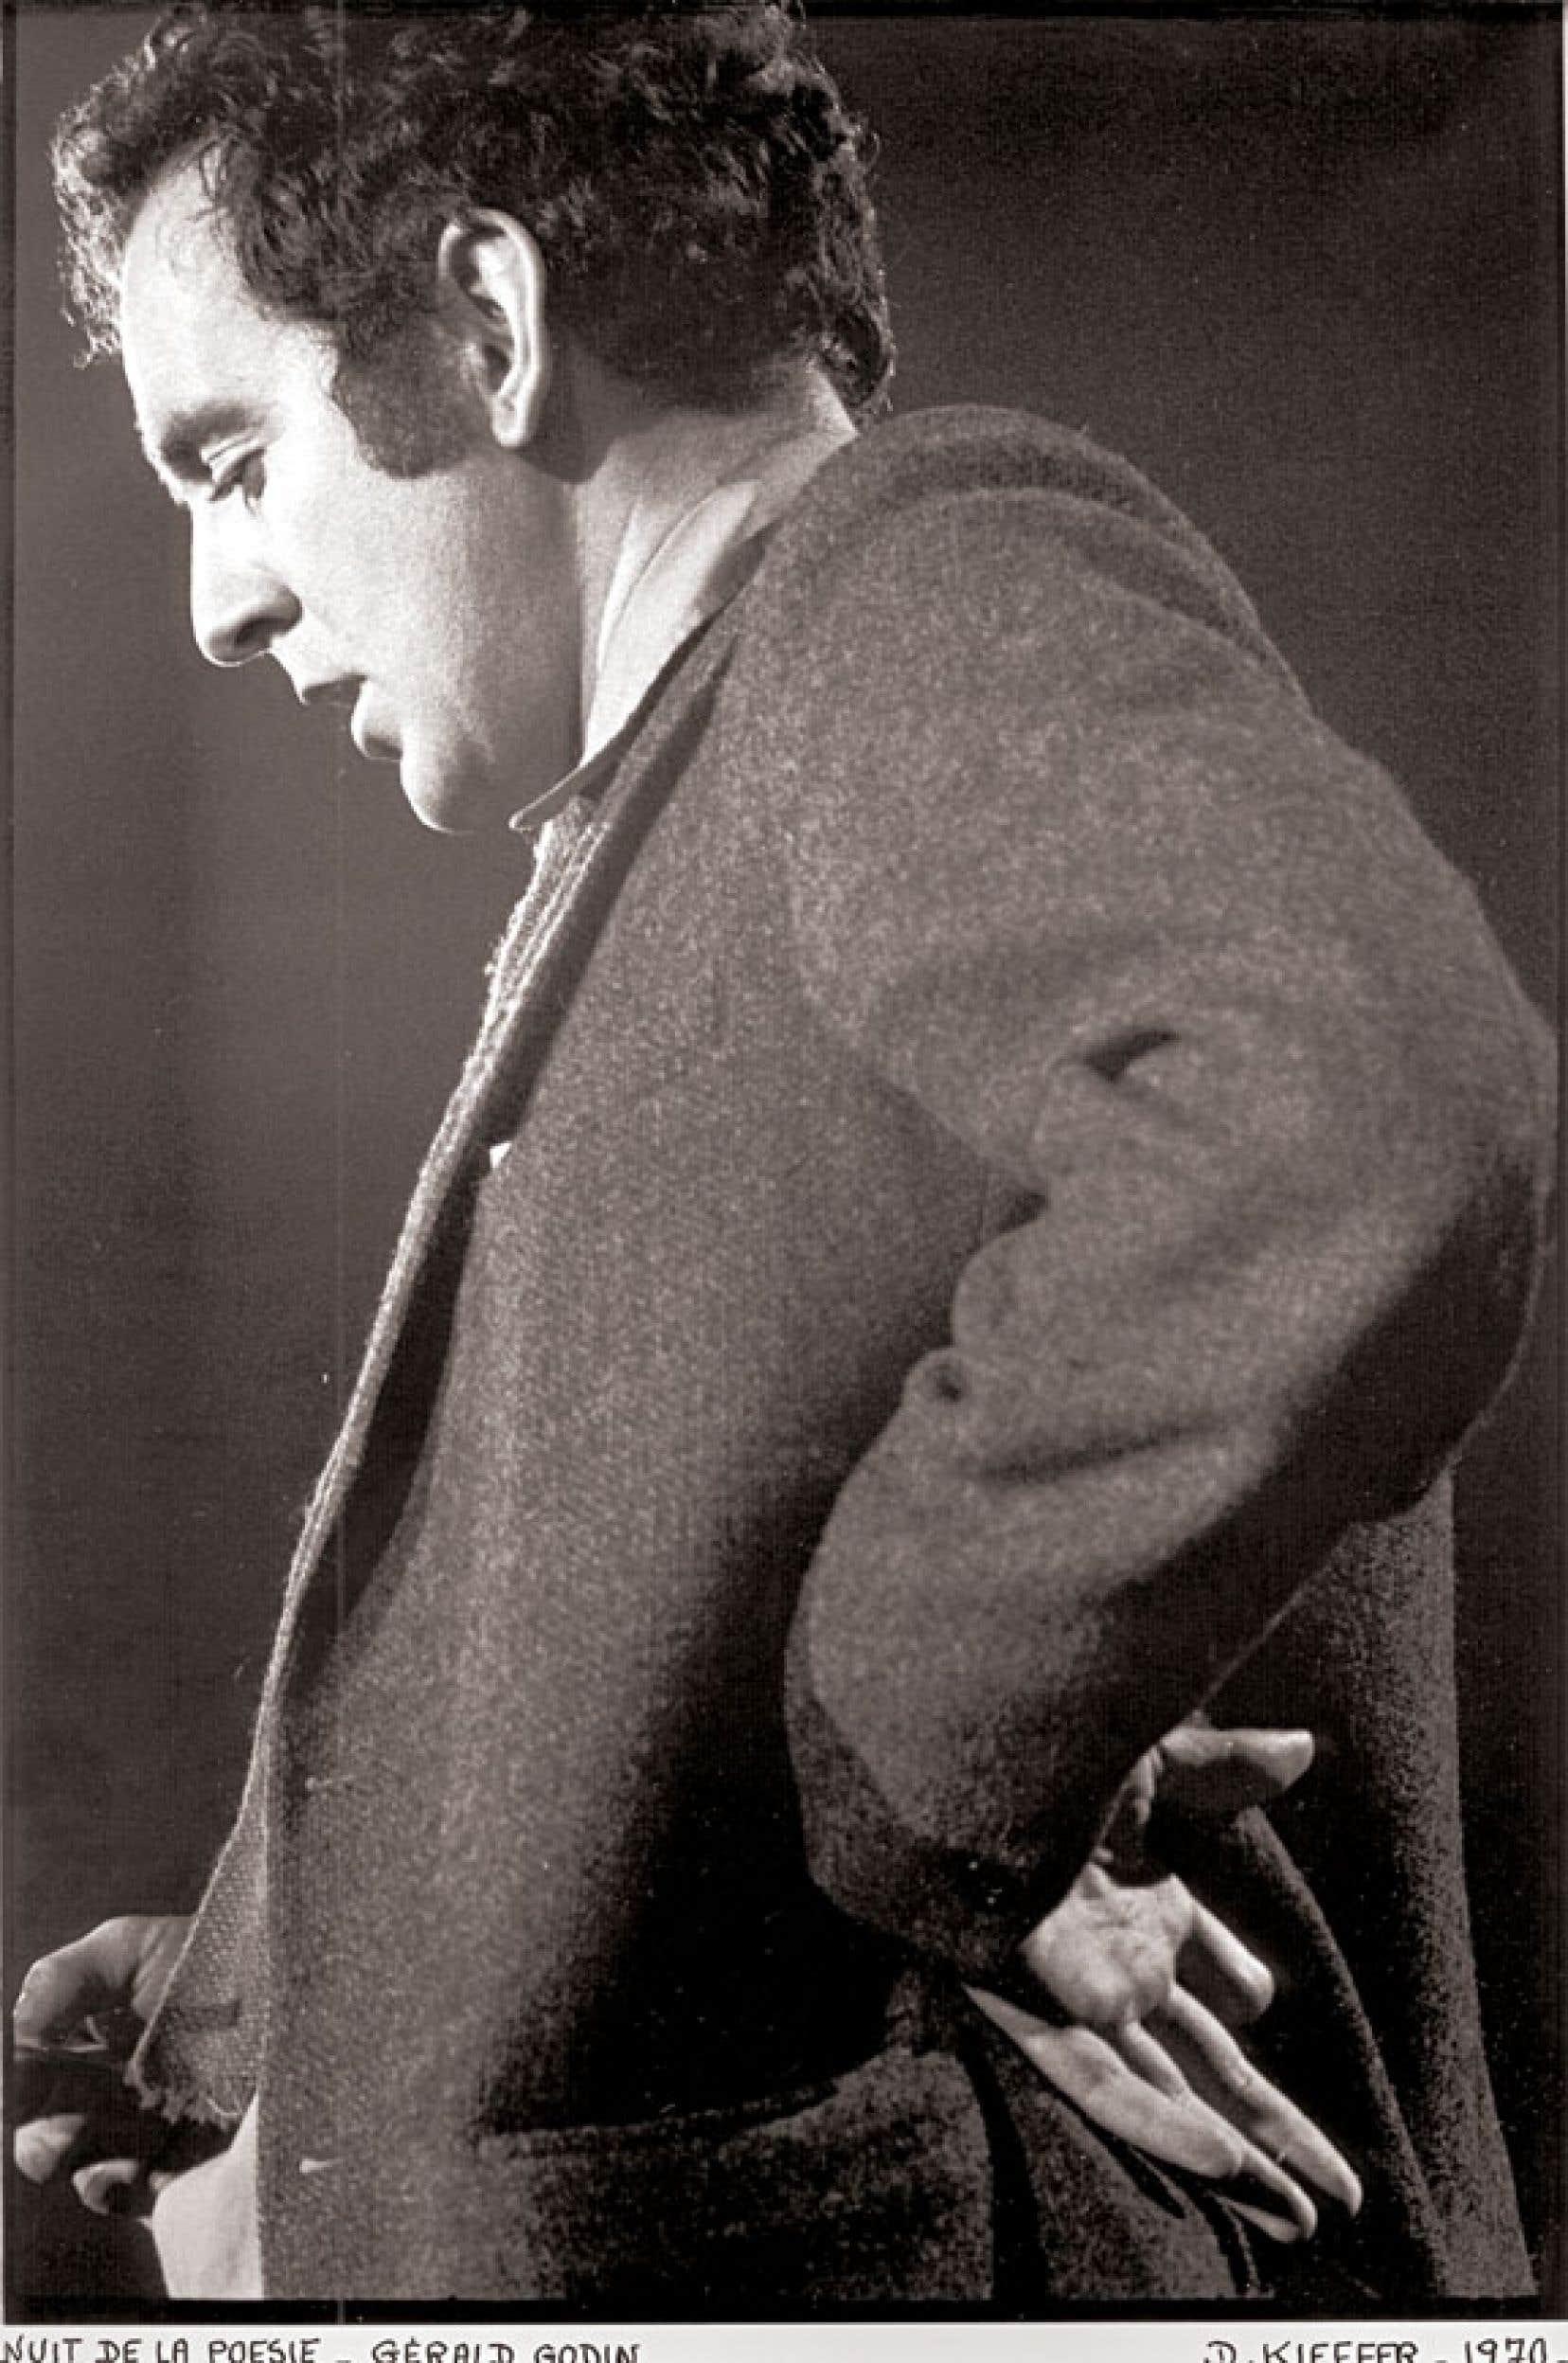 Gérald Godin à la fameuse Nuit de la poésie de mars 1970.